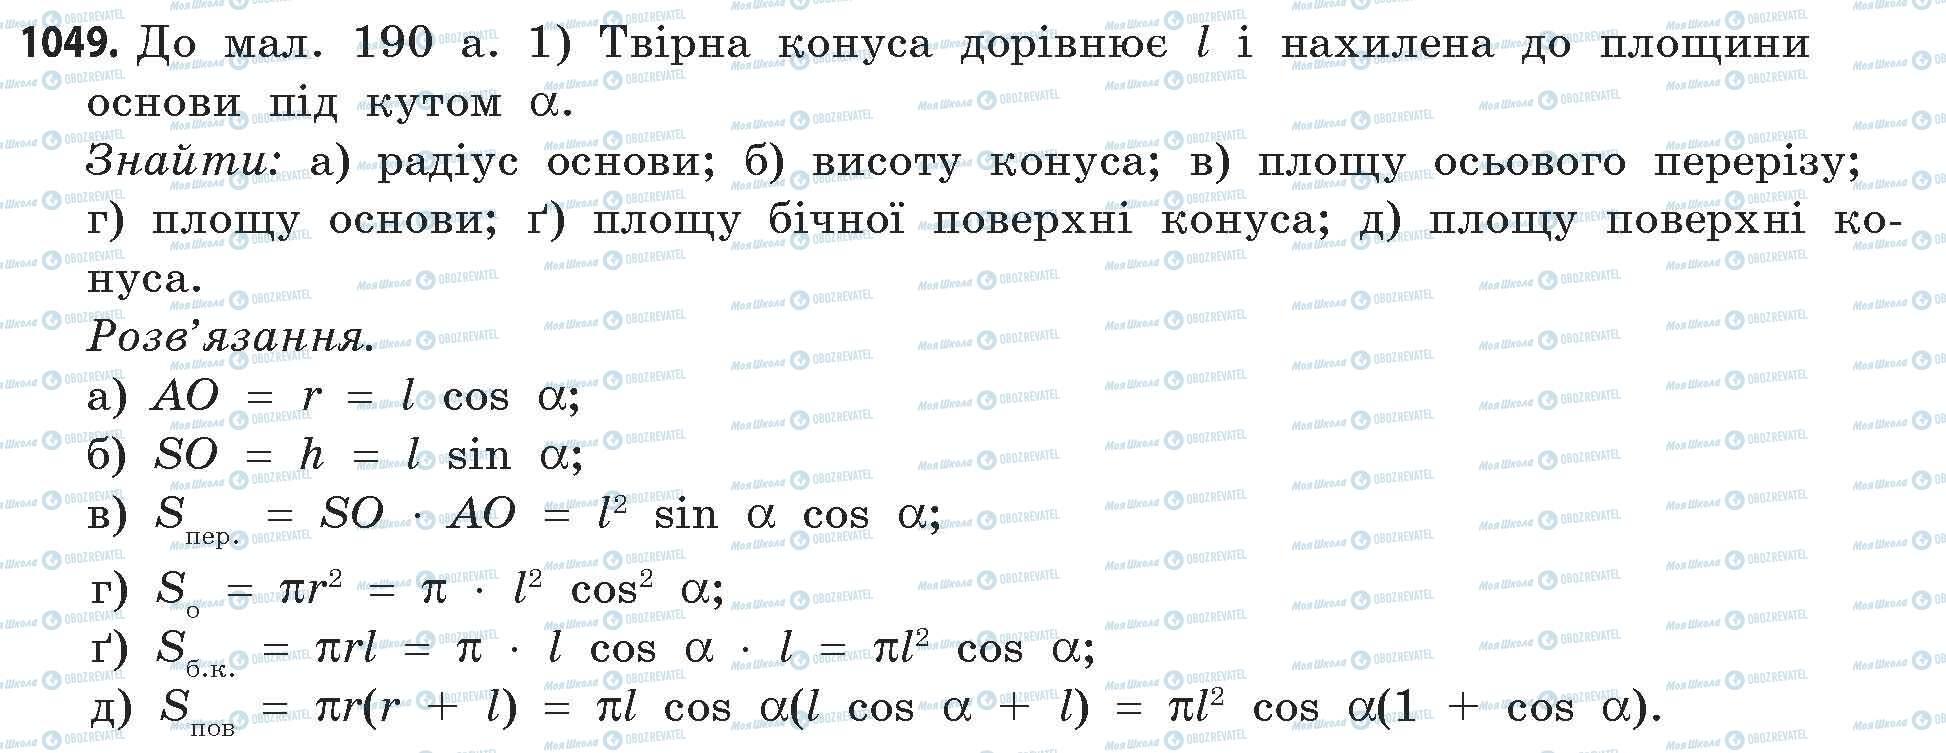 ГДЗ Математика 11 клас сторінка 1049